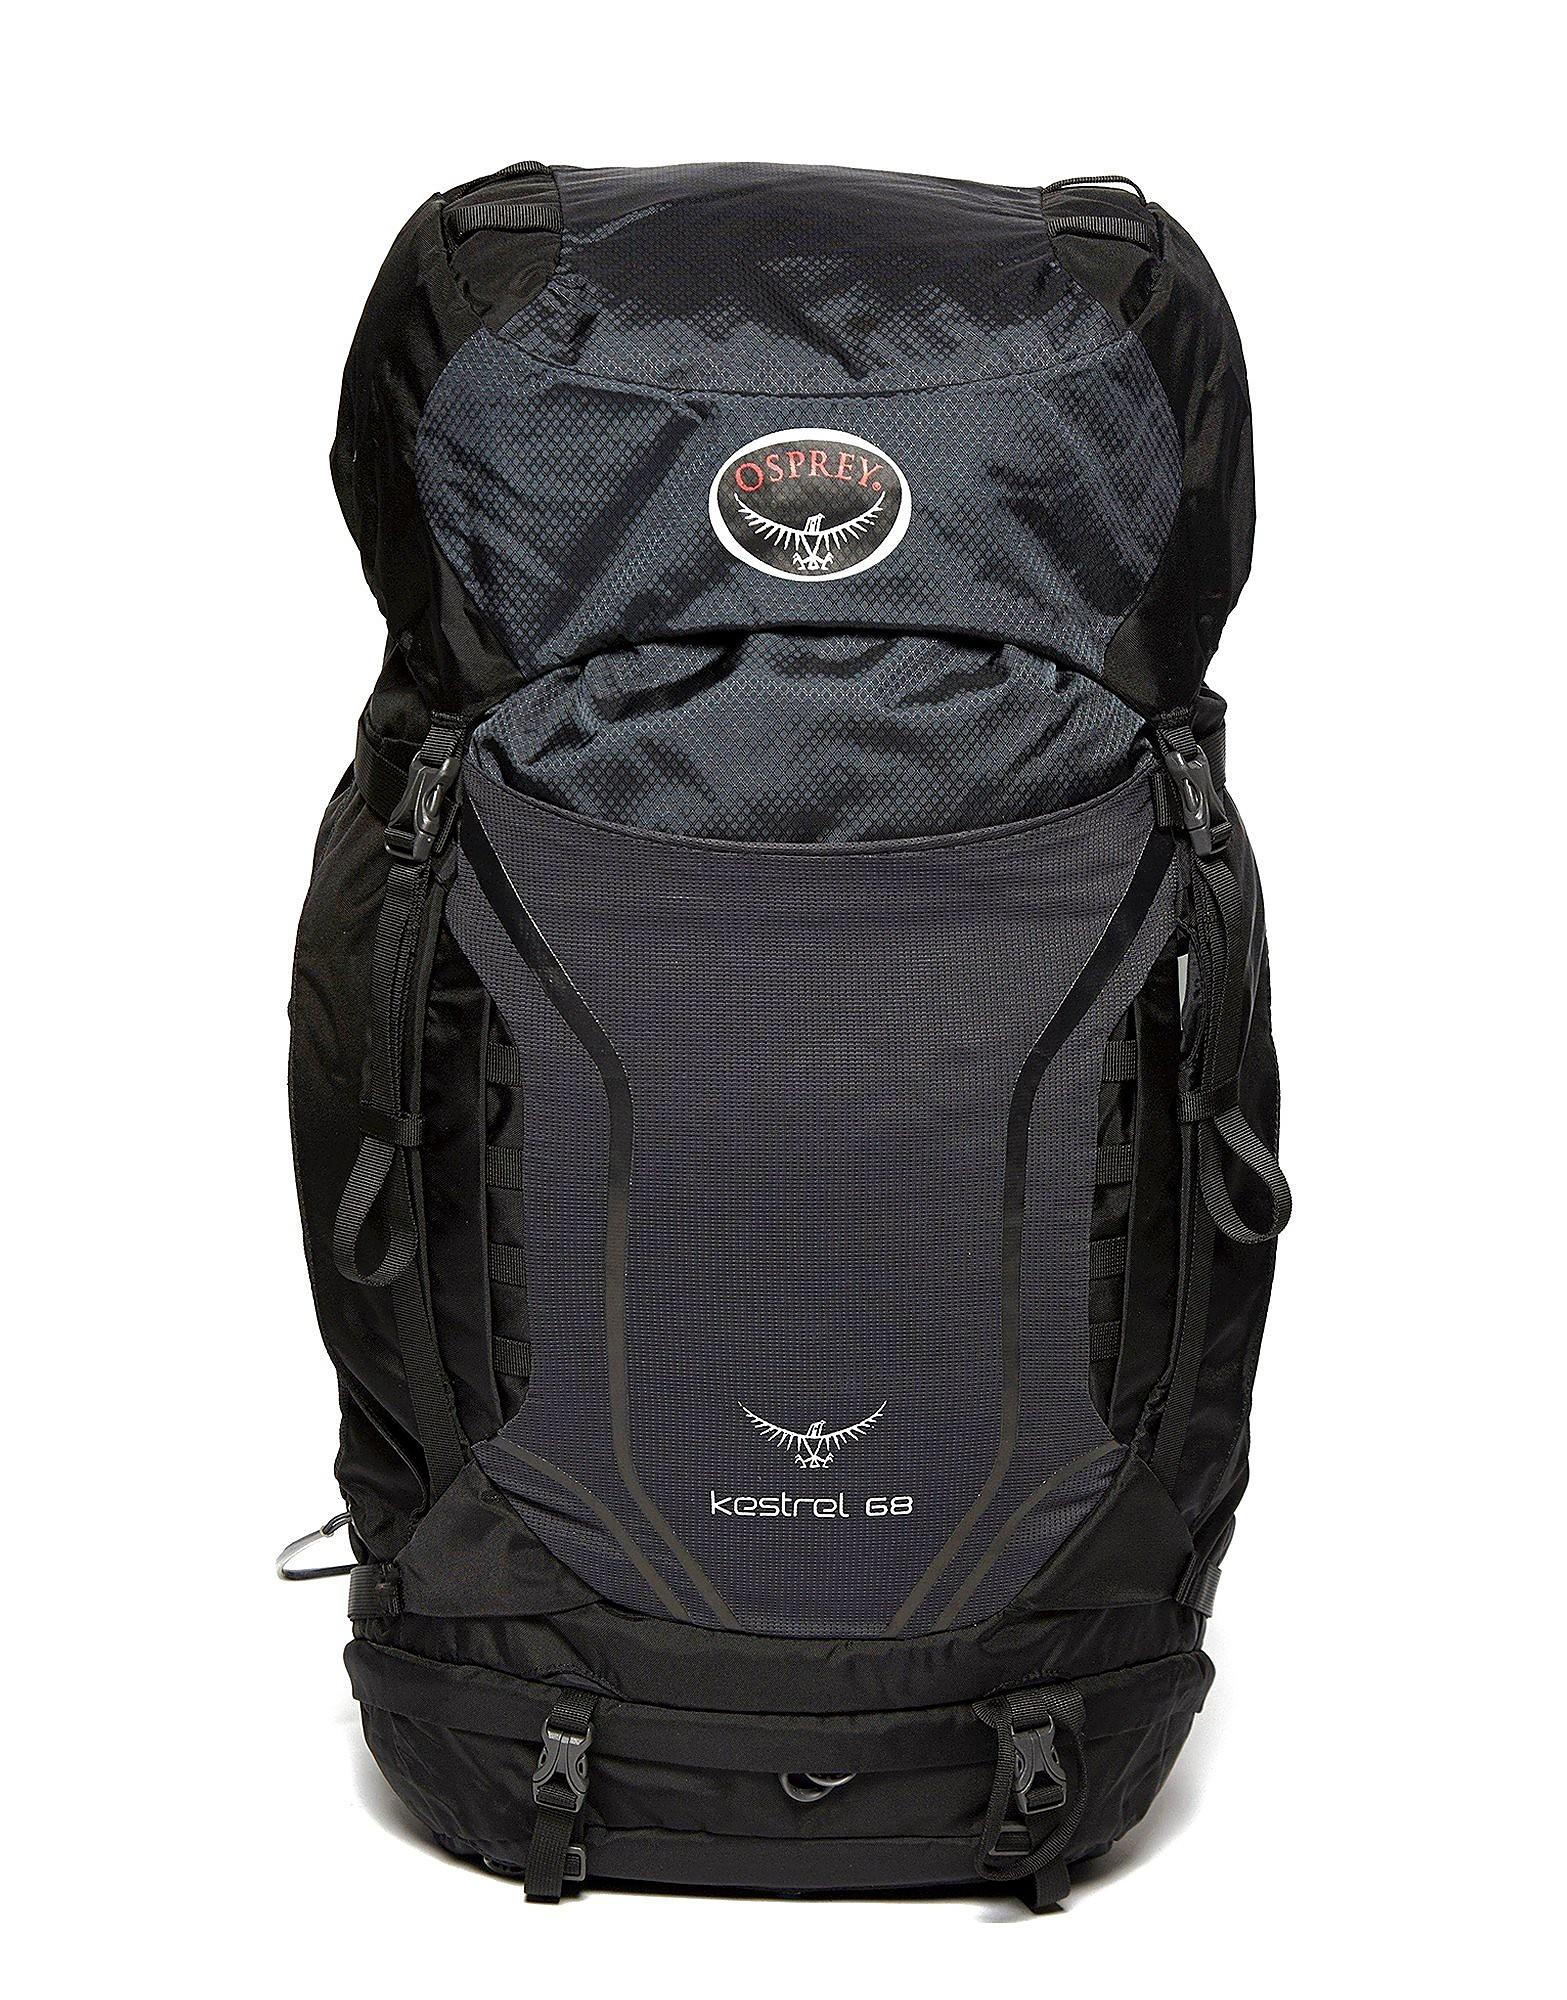 Osprey Kestrel 68 Backpack